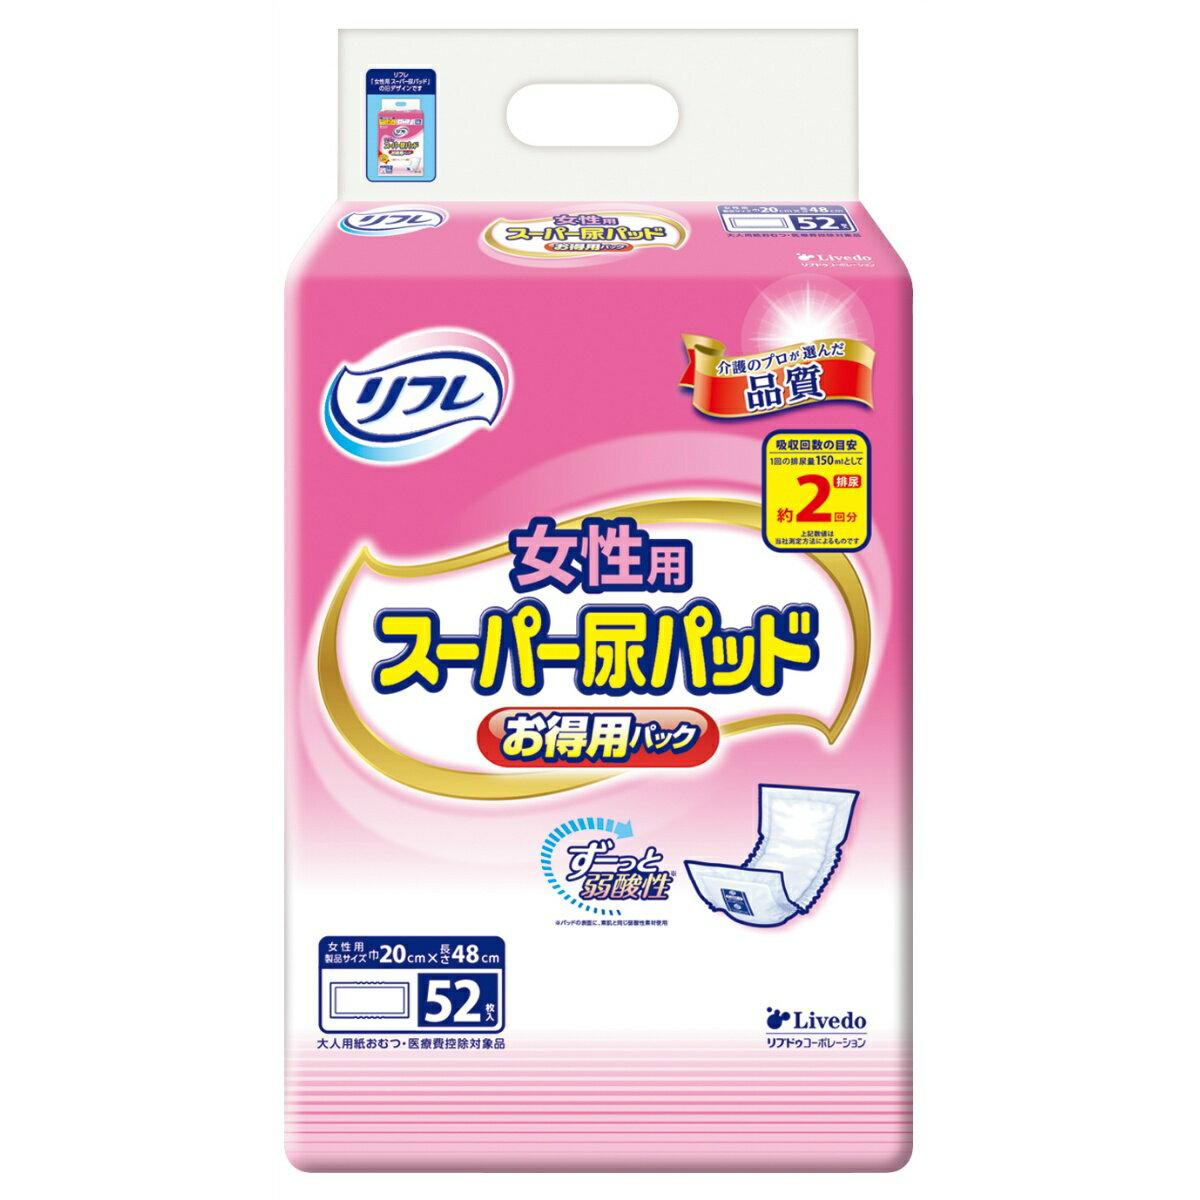 失禁用品・排泄介助用品, 尿とりパッド 4 52